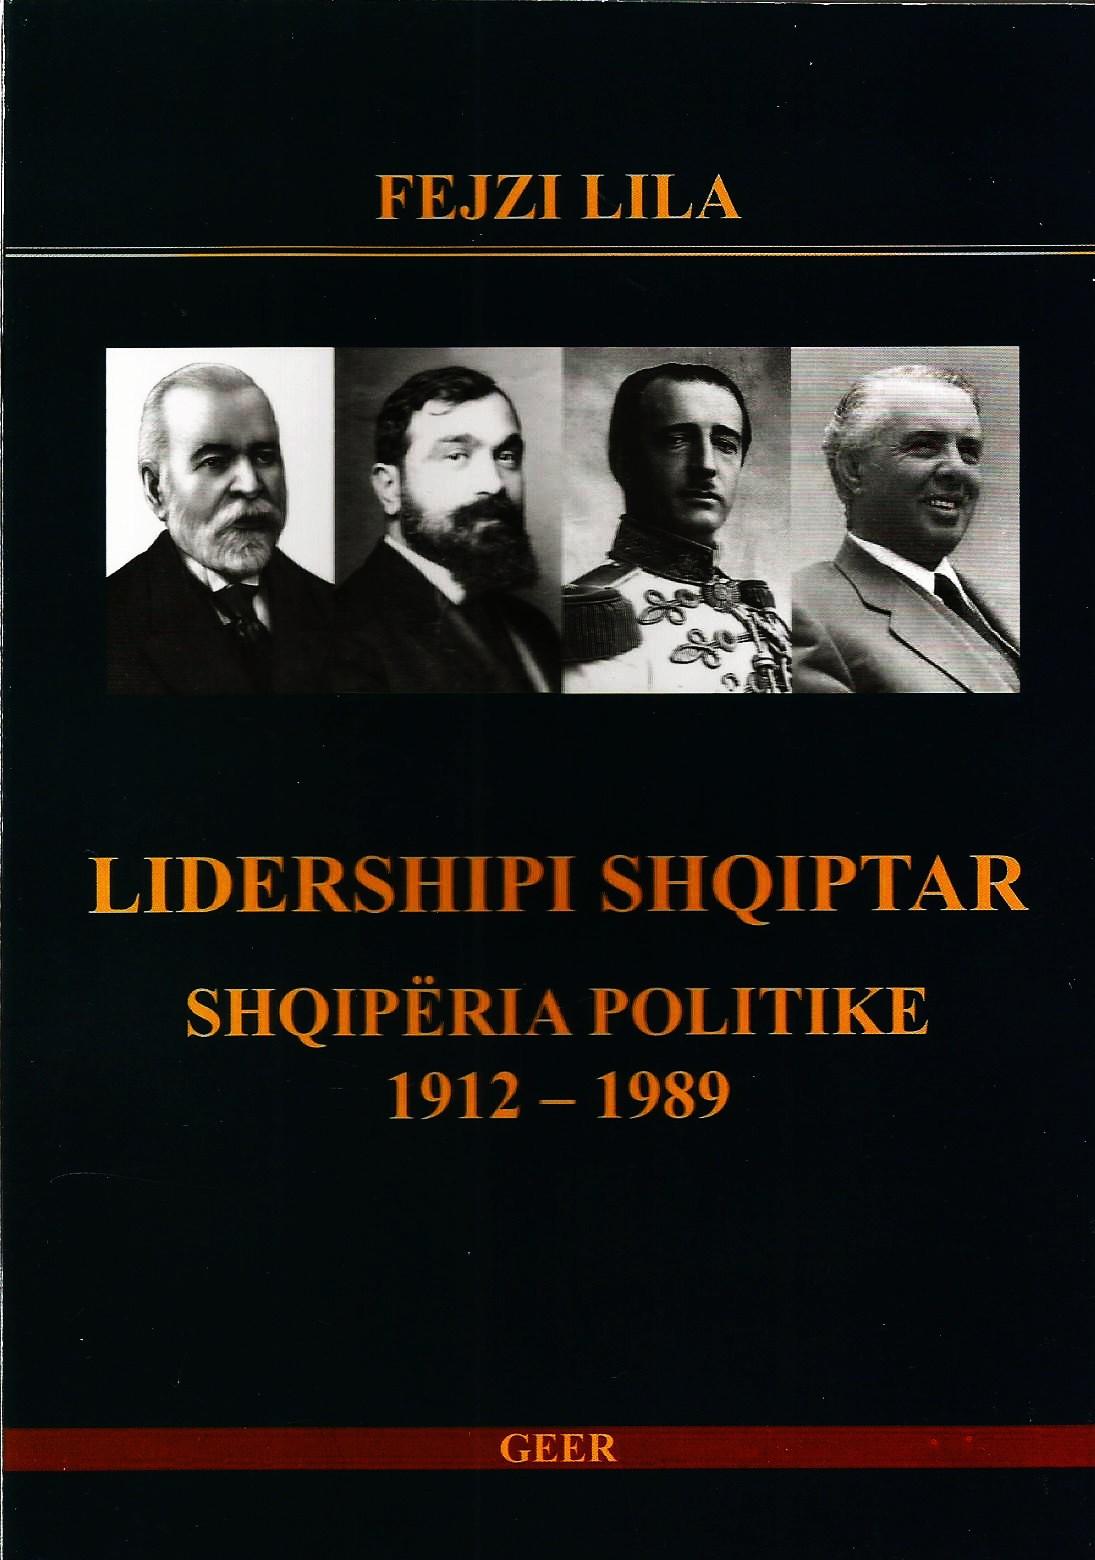 Lidershipi shqiptar